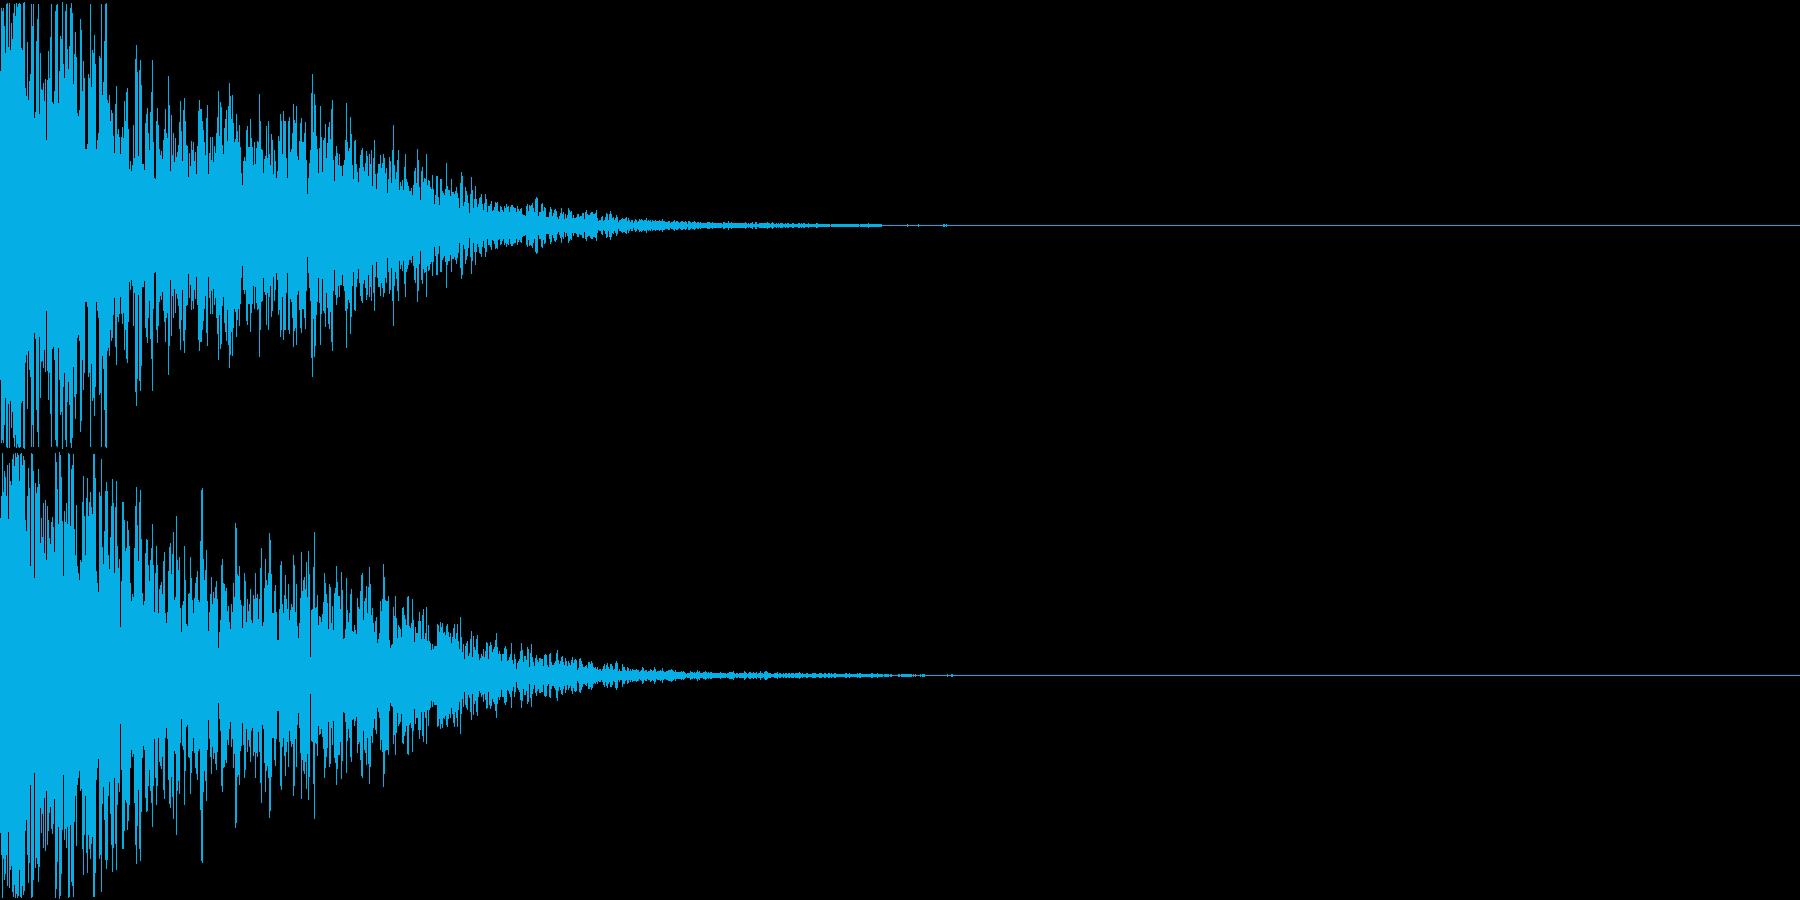 ロボット 合体 ガシーン キュイン 03の再生済みの波形